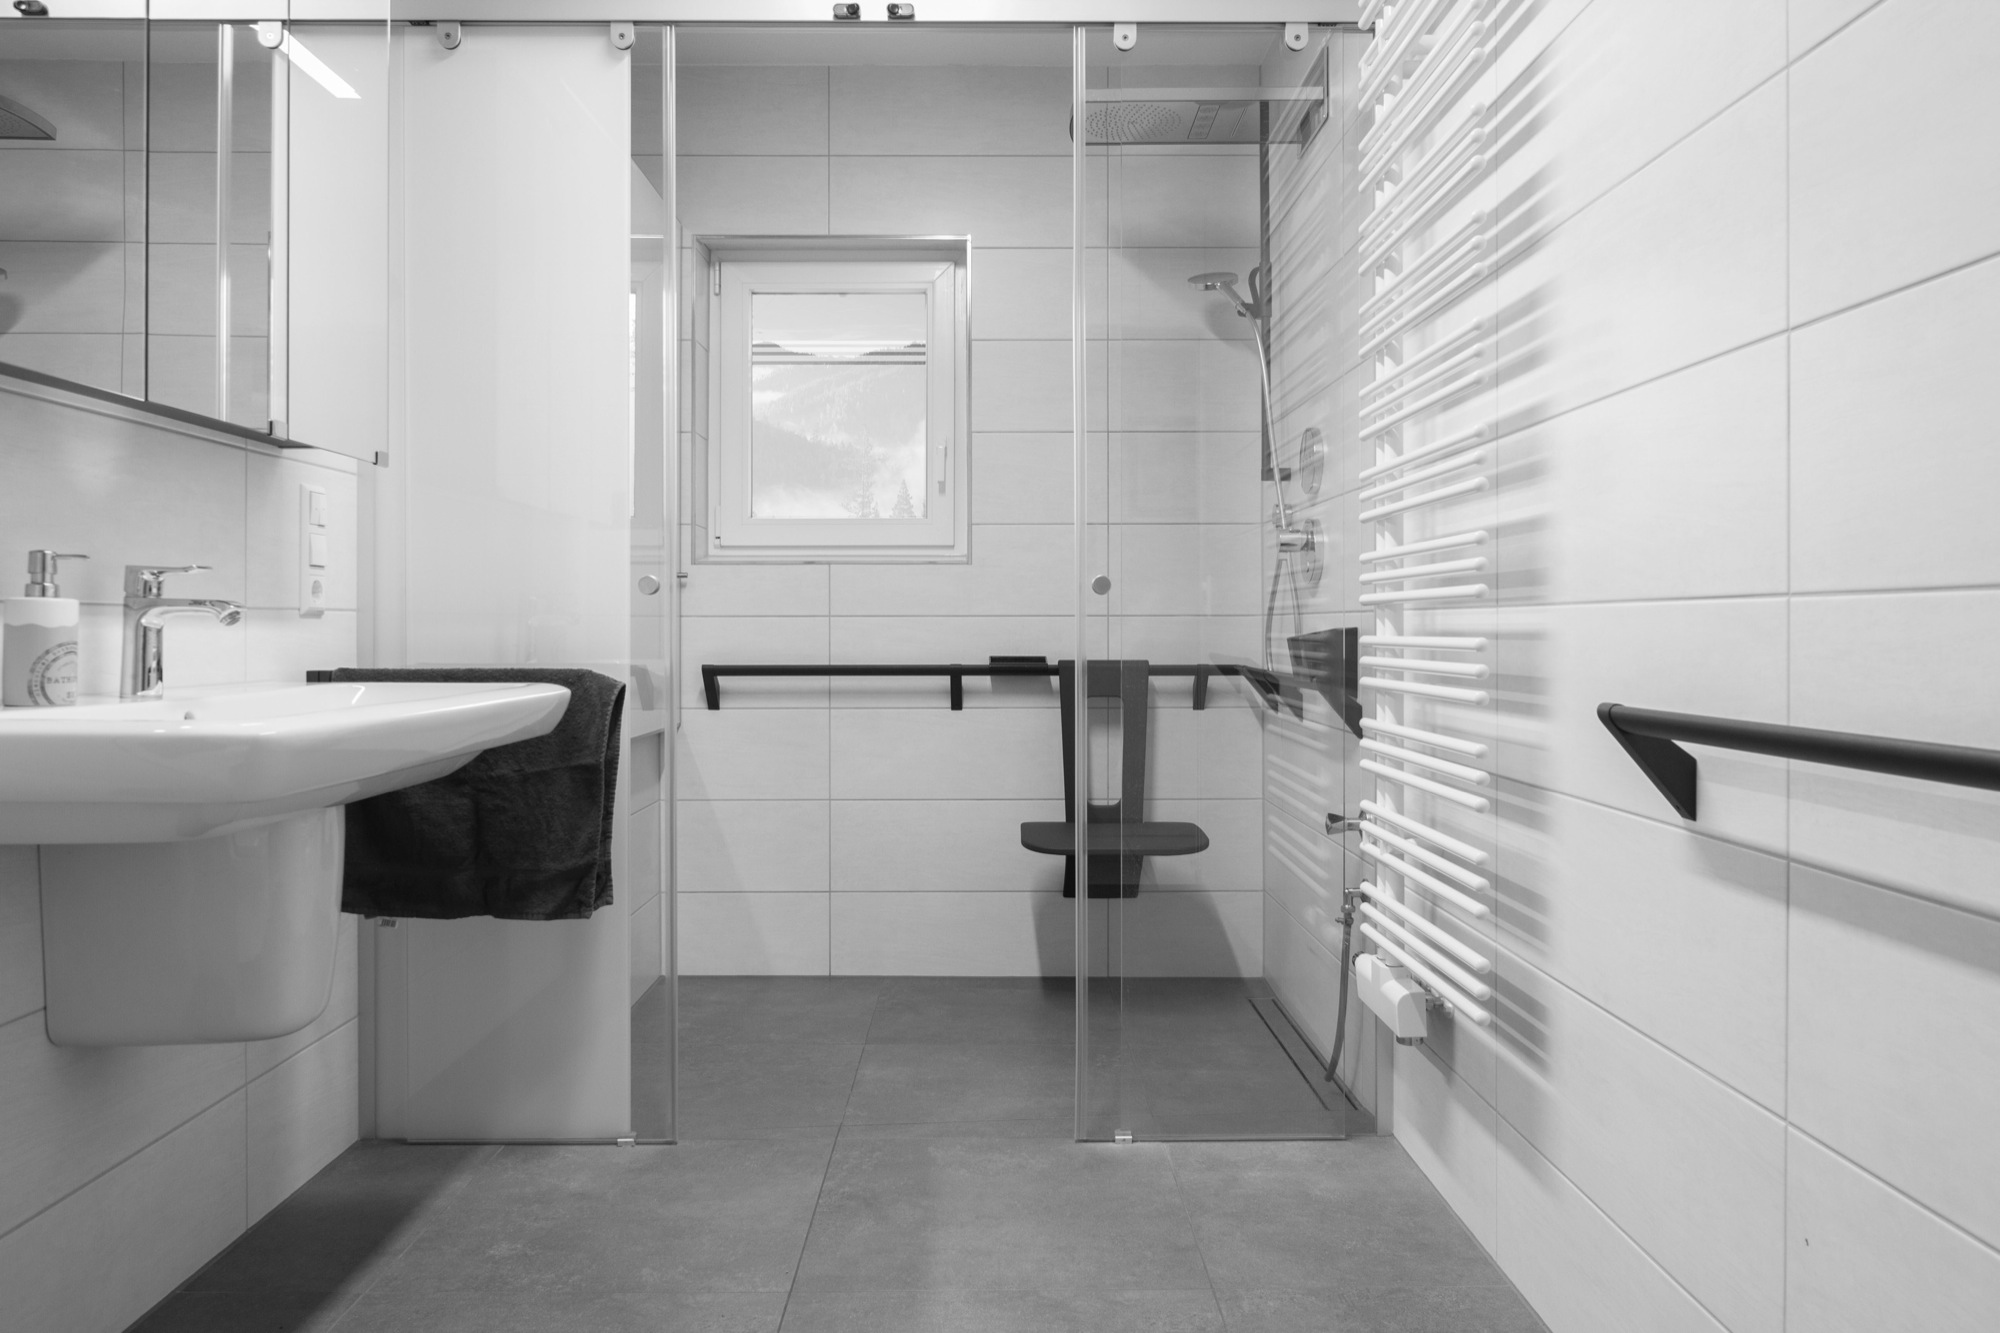 Full Size of Bodengleiche Dusche Nachträglich Einbauen Behindertengerechte Begehbare Duschen Hsk Eckeinstieg Kaufen Fliesen Velux Fenster Bluetooth Lautsprecher Rainshower Dusche Bodengleiche Dusche Nachträglich Einbauen